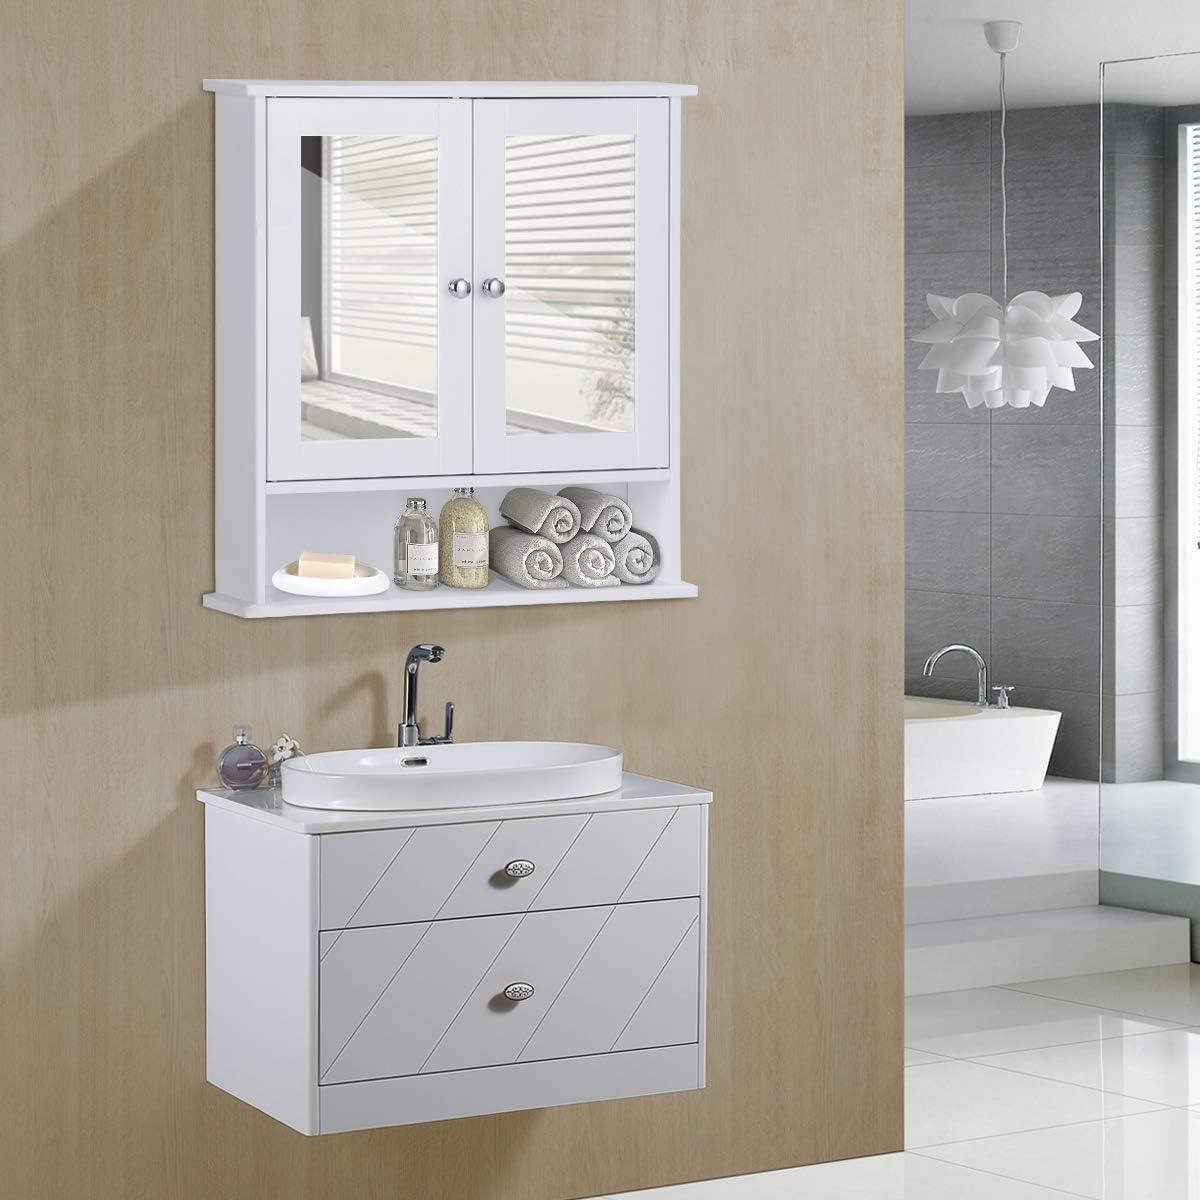 Giantex Armoire de Toilettes Commode Salle de Bain Meuble Blanc Suspendu Dressoir Mural avec 2 Portes Miroir Rangement avec /Étag/ères